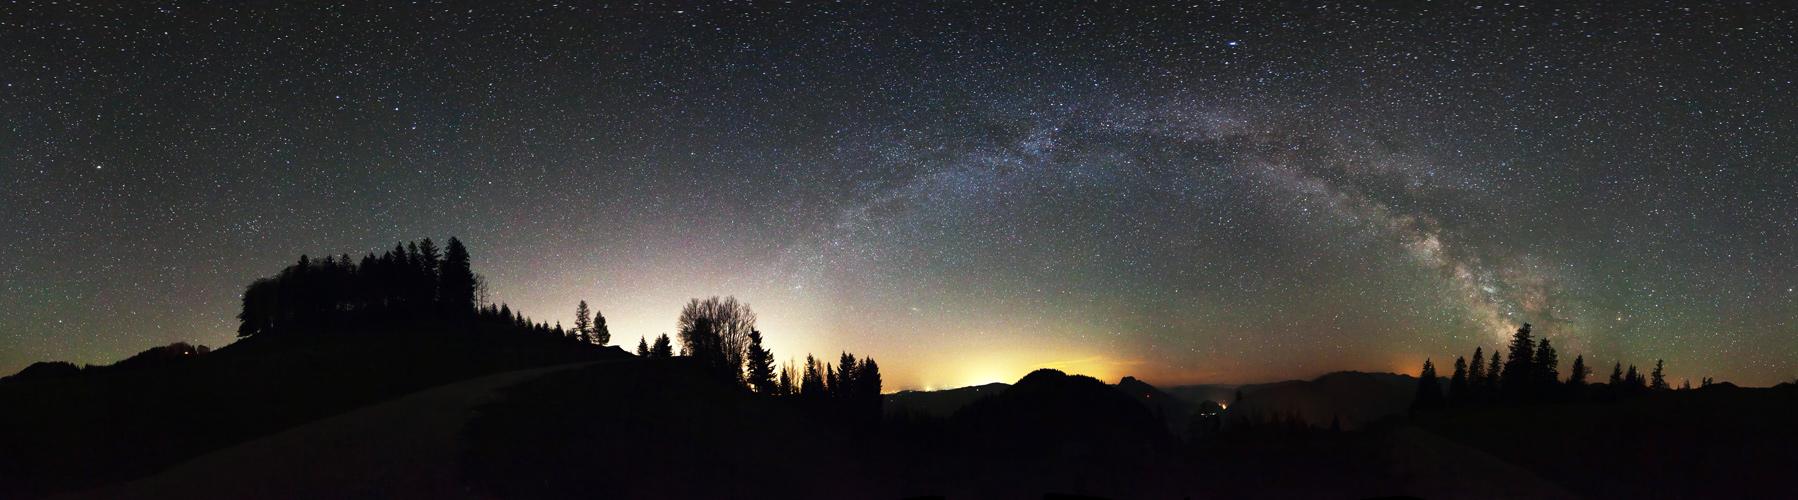 Ein Bogen aus Sternen bedroht durch die Zivilisation?